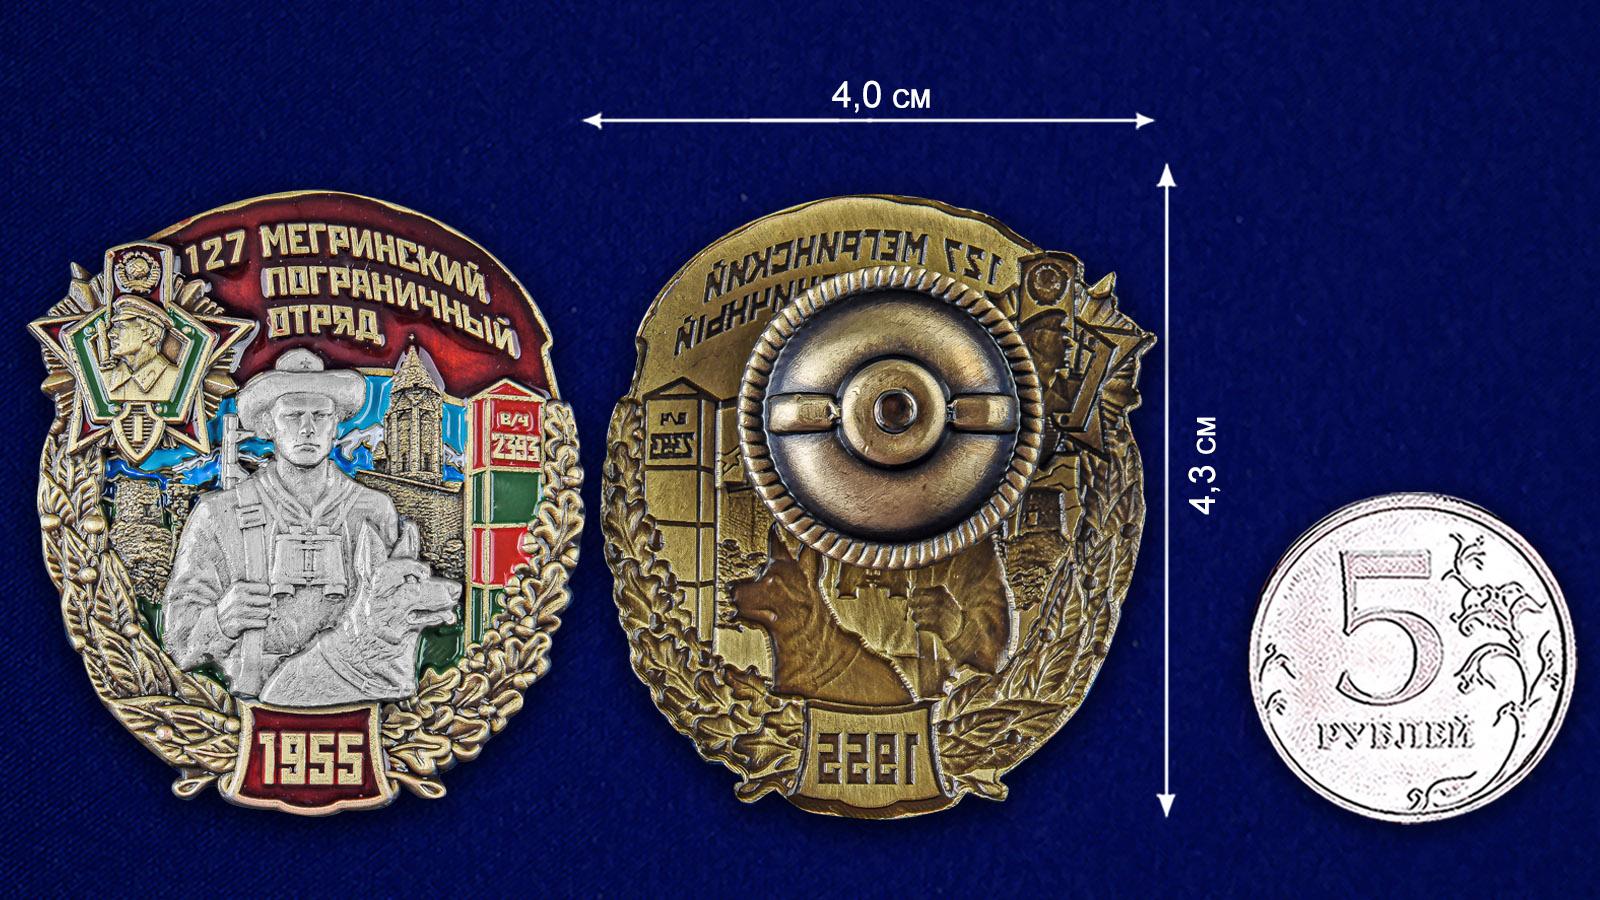 Памятный знак 127 Мегринский пограничный отряд - сравнительный вид